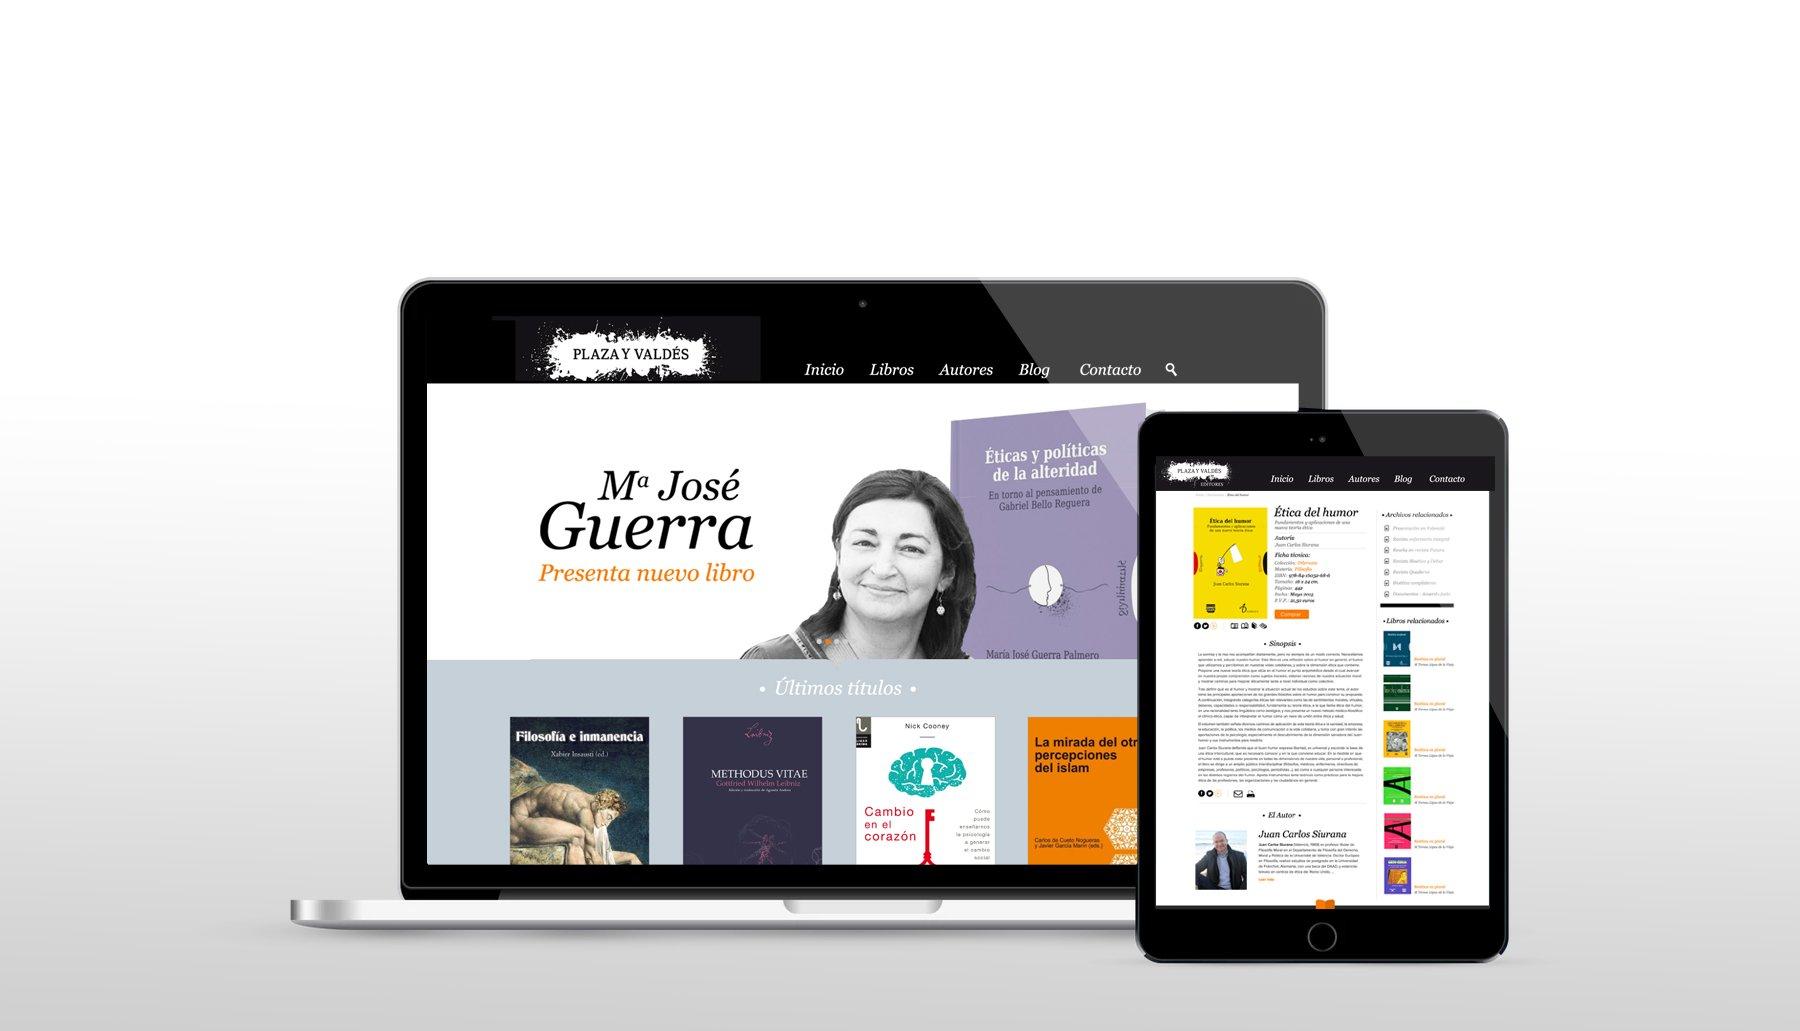 Diseño responsive de la página web editorial de Plaza y Valdés